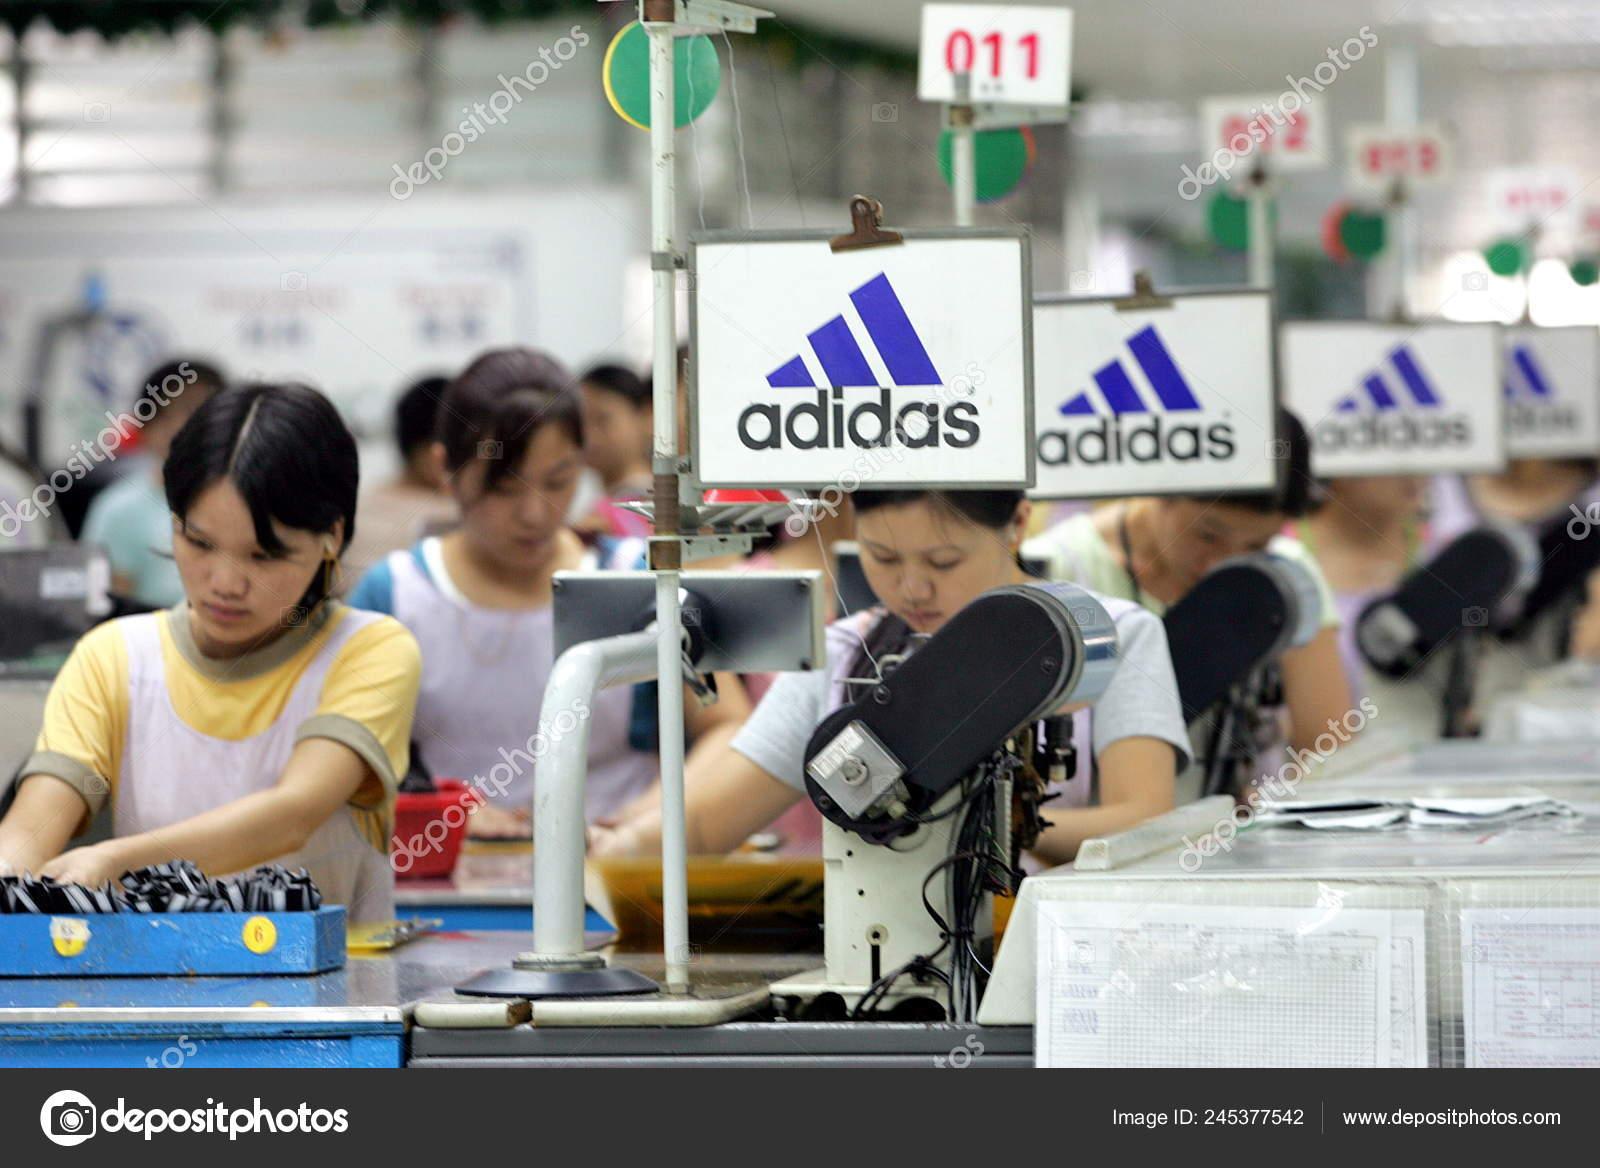 f8750a7a168b65 Los Trabajadores Fábrica China Que Hacen Zapatos Adidas Fábrica Yue — Foto  de Stock